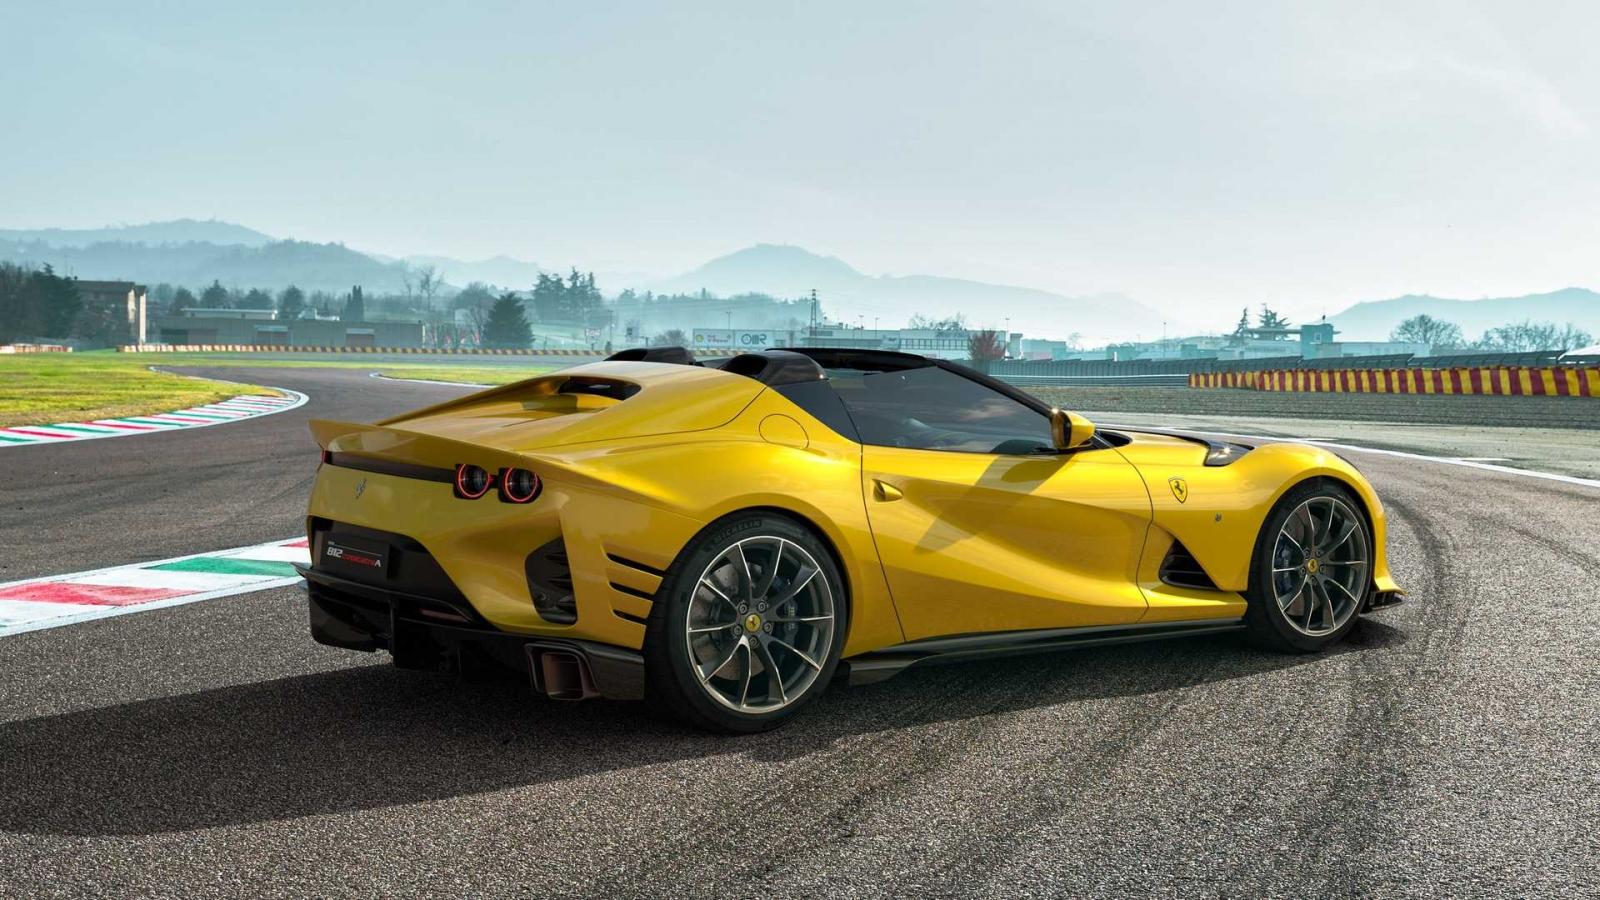 Ra mắt phiên bản mui trần phong cách Targa mang tên 812 Competizione A